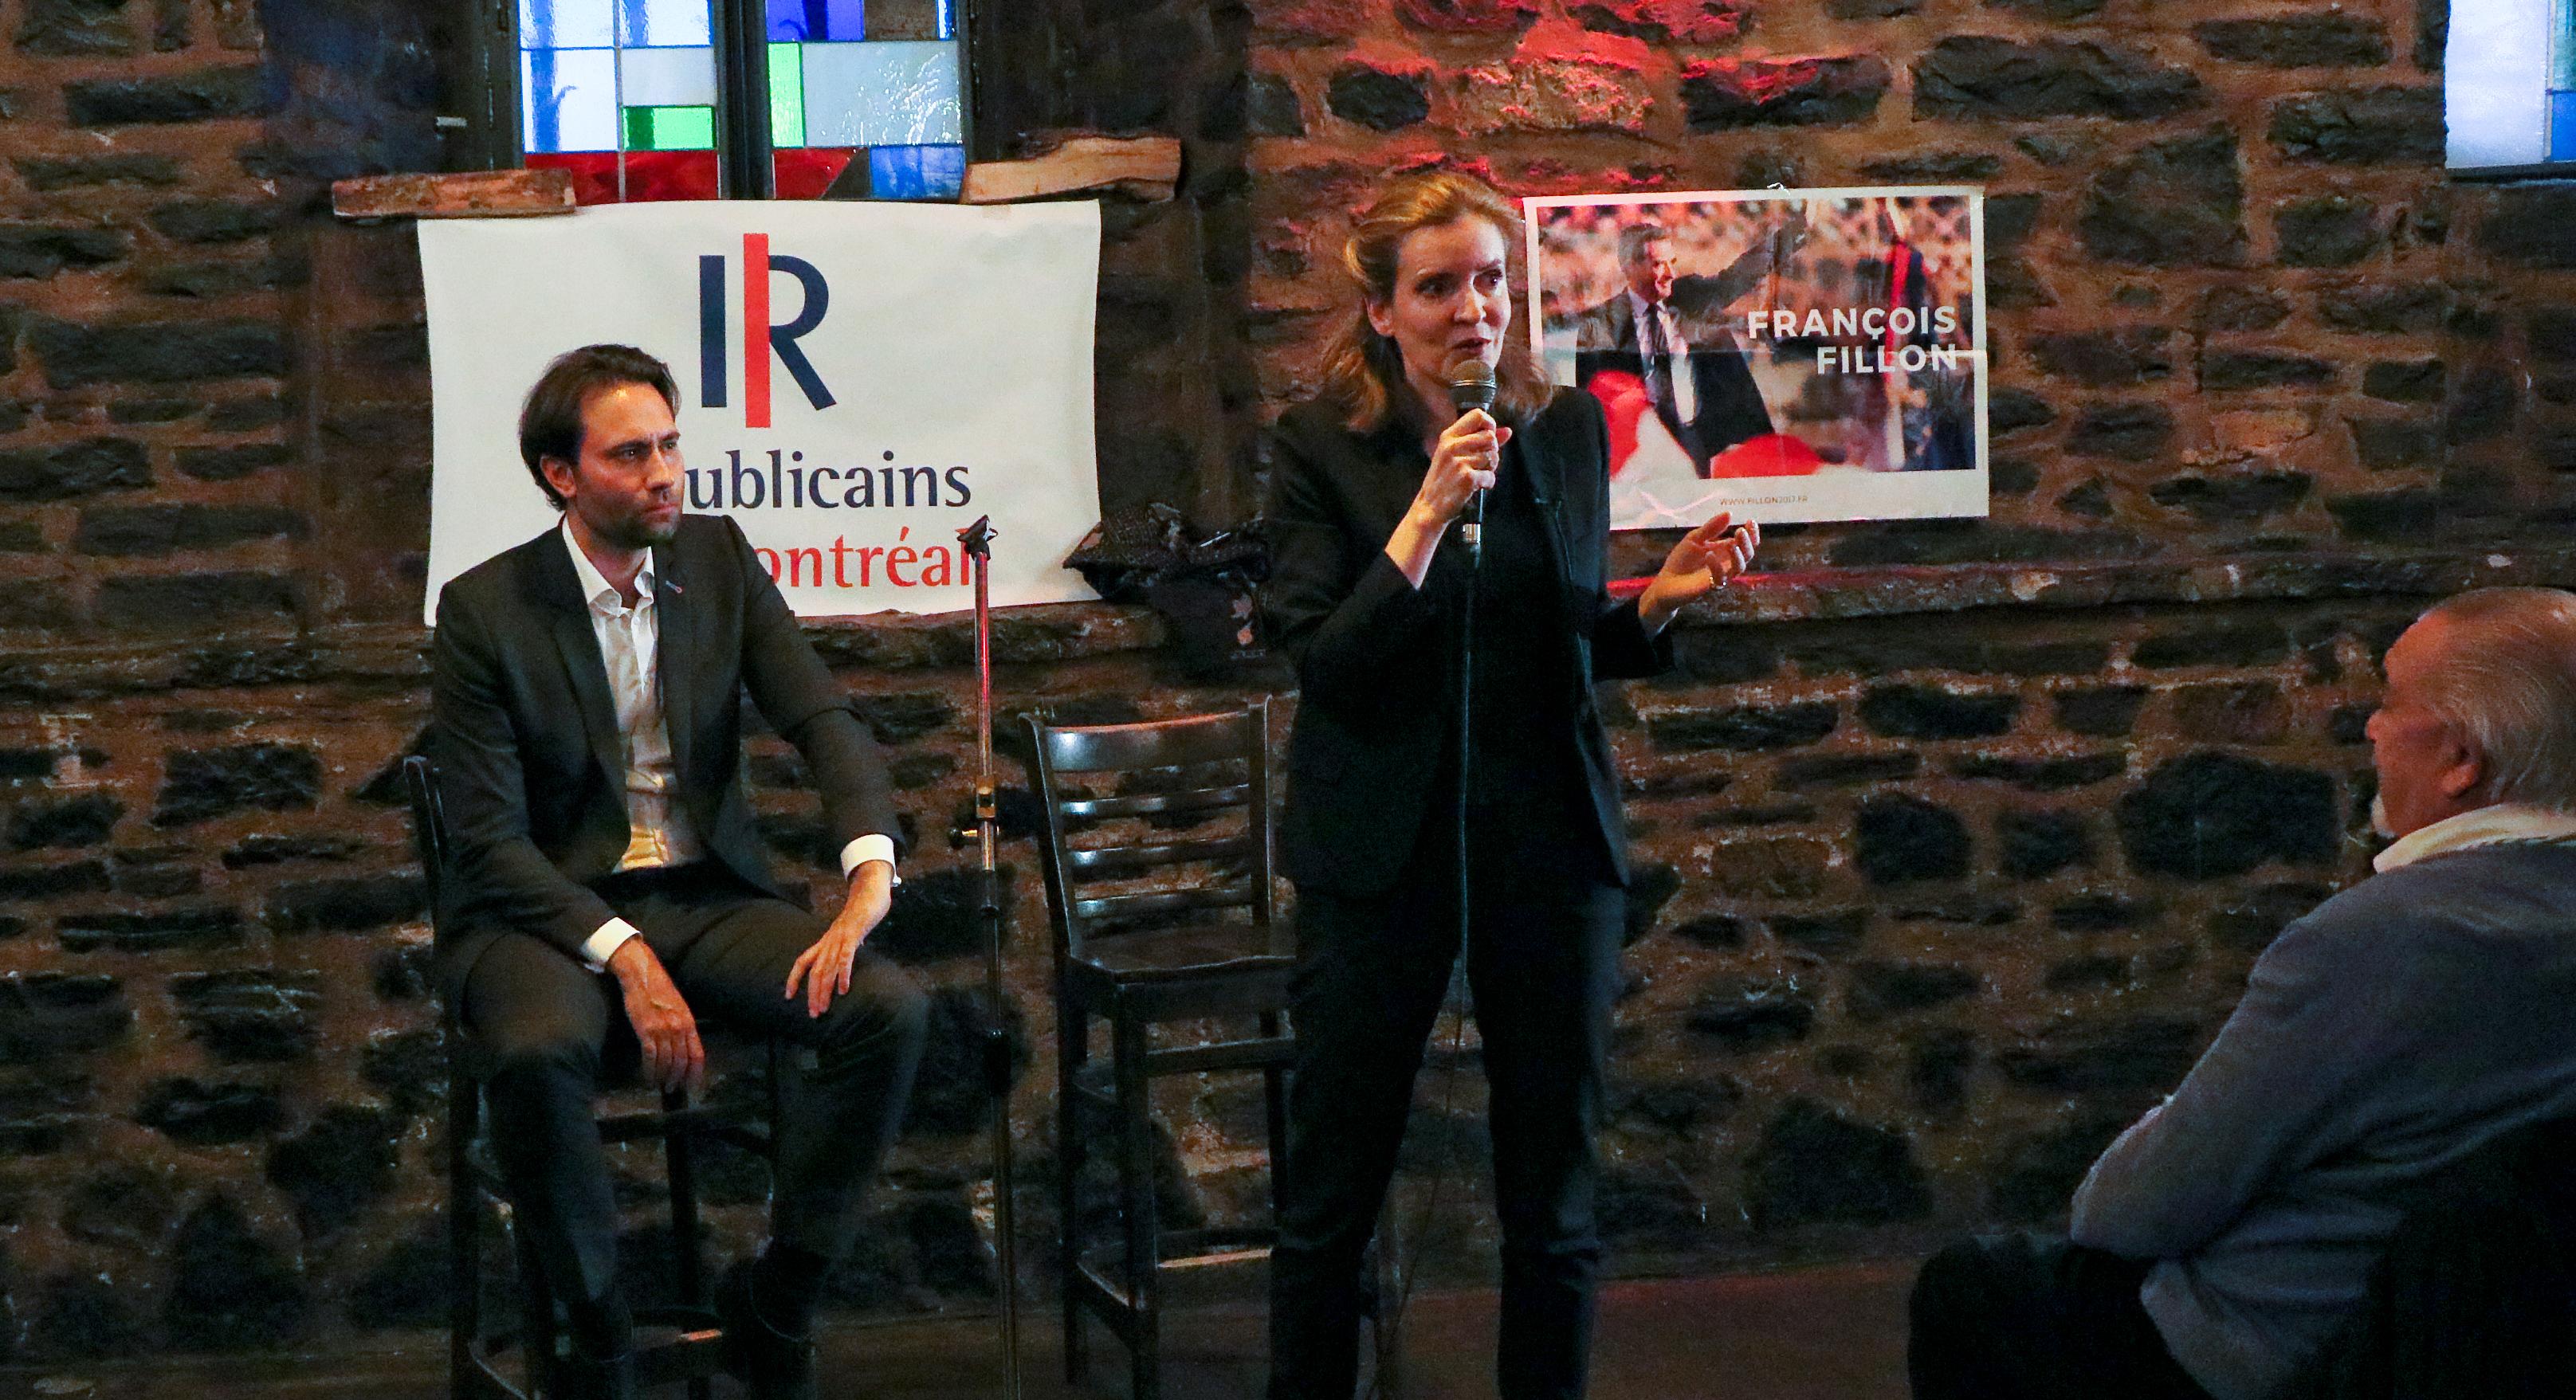 NKM chez les Républicains de Montréal pour tenter de rallier les indécis